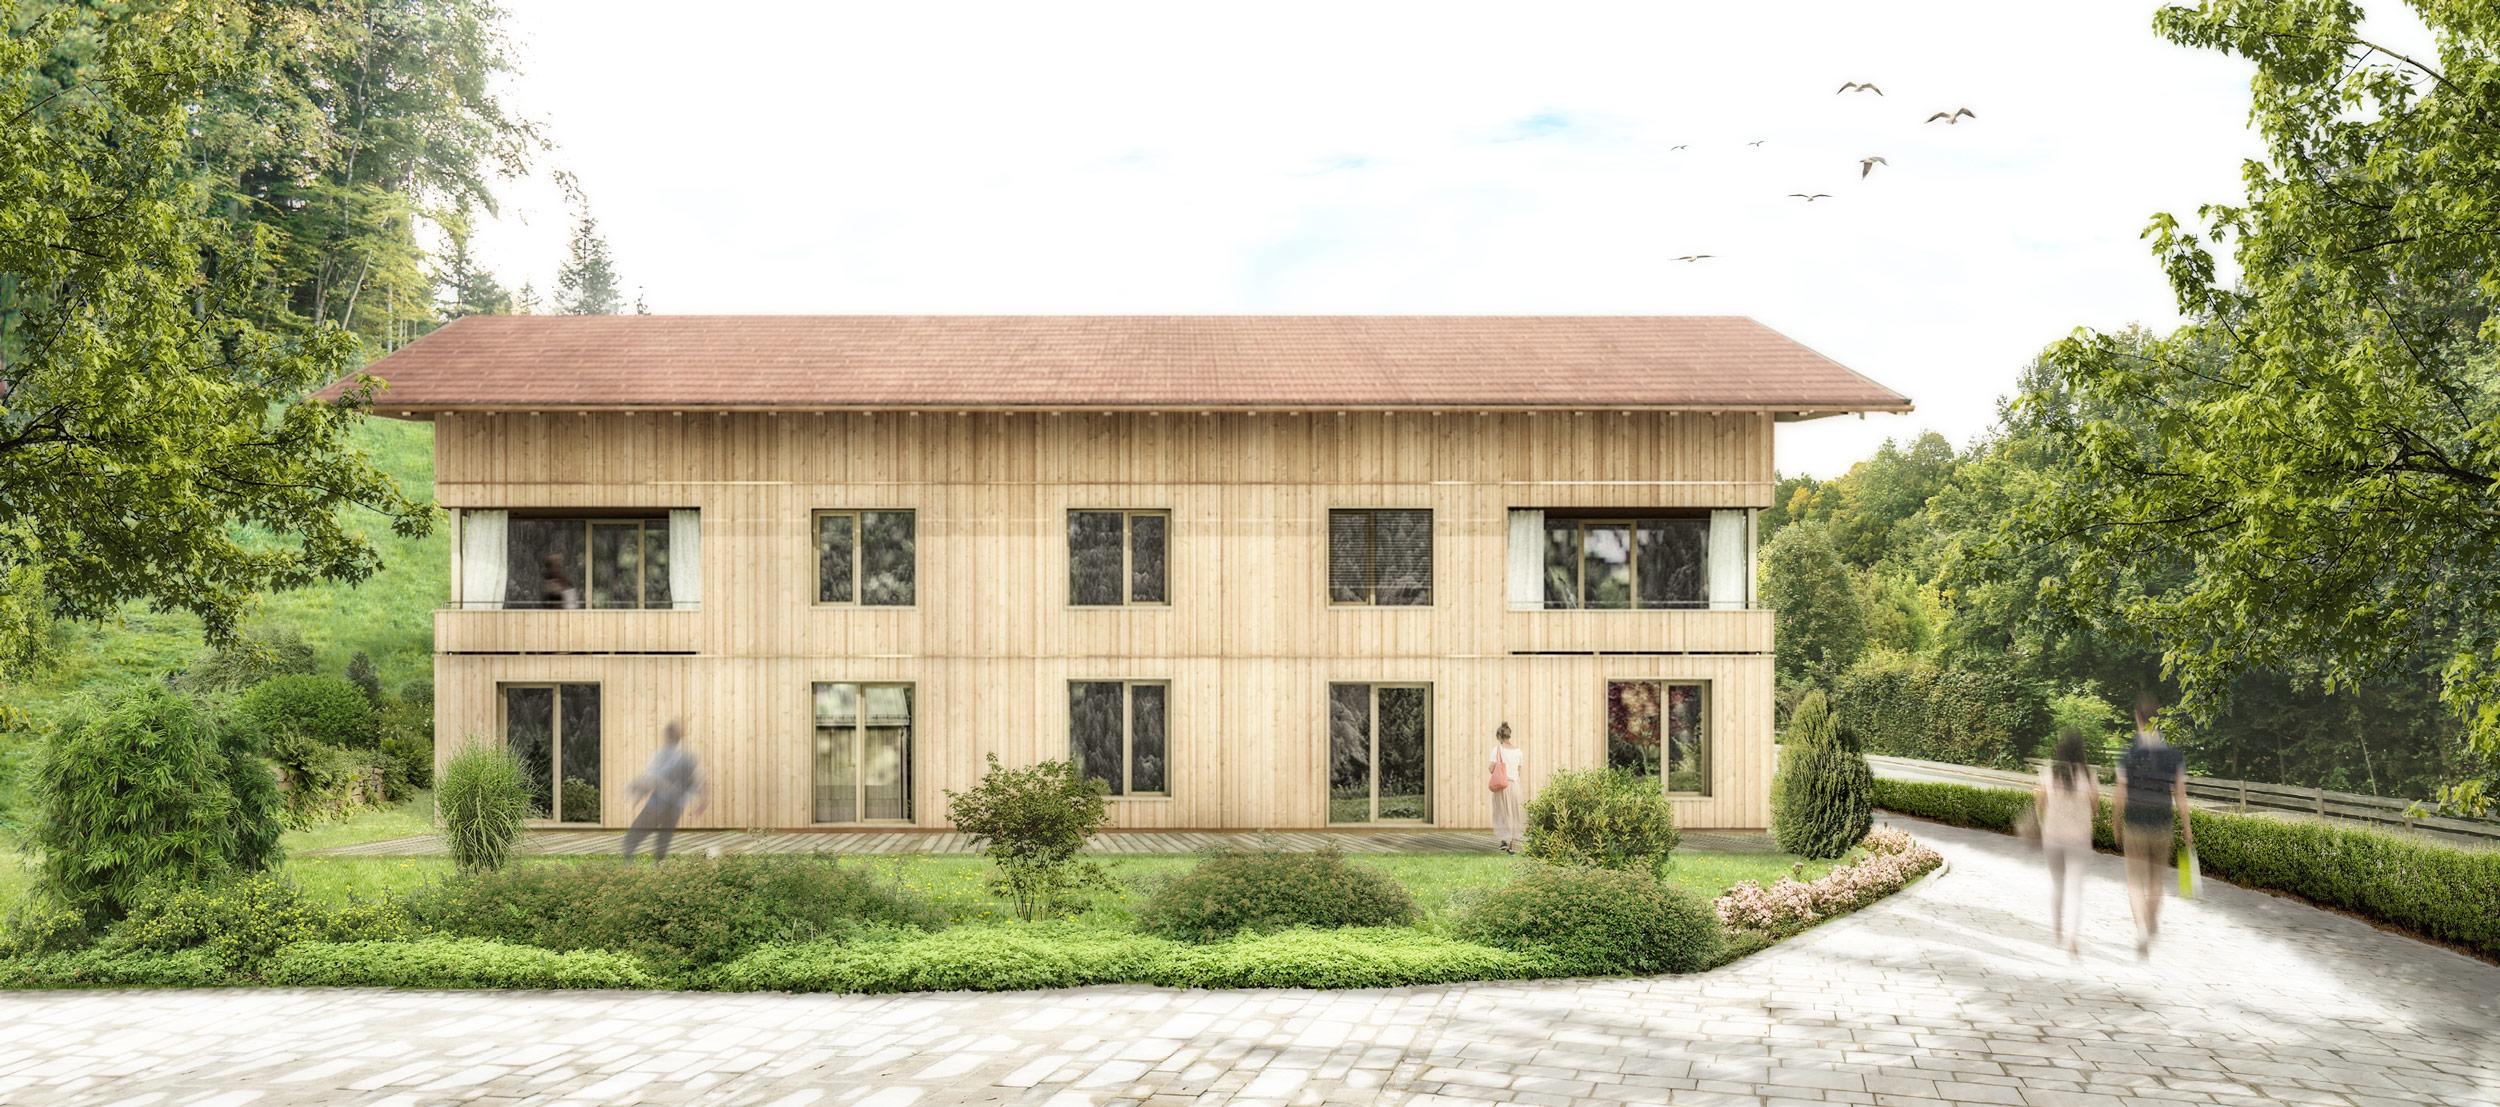 zimmerei-stoib-holzbau-schlüsselfertig-visualisierung-lärchenfassade-ökologisch-loggia-architektur-holzarchitektur-planung-warngau-tegernsee-mehrfamilienhaus.jpg